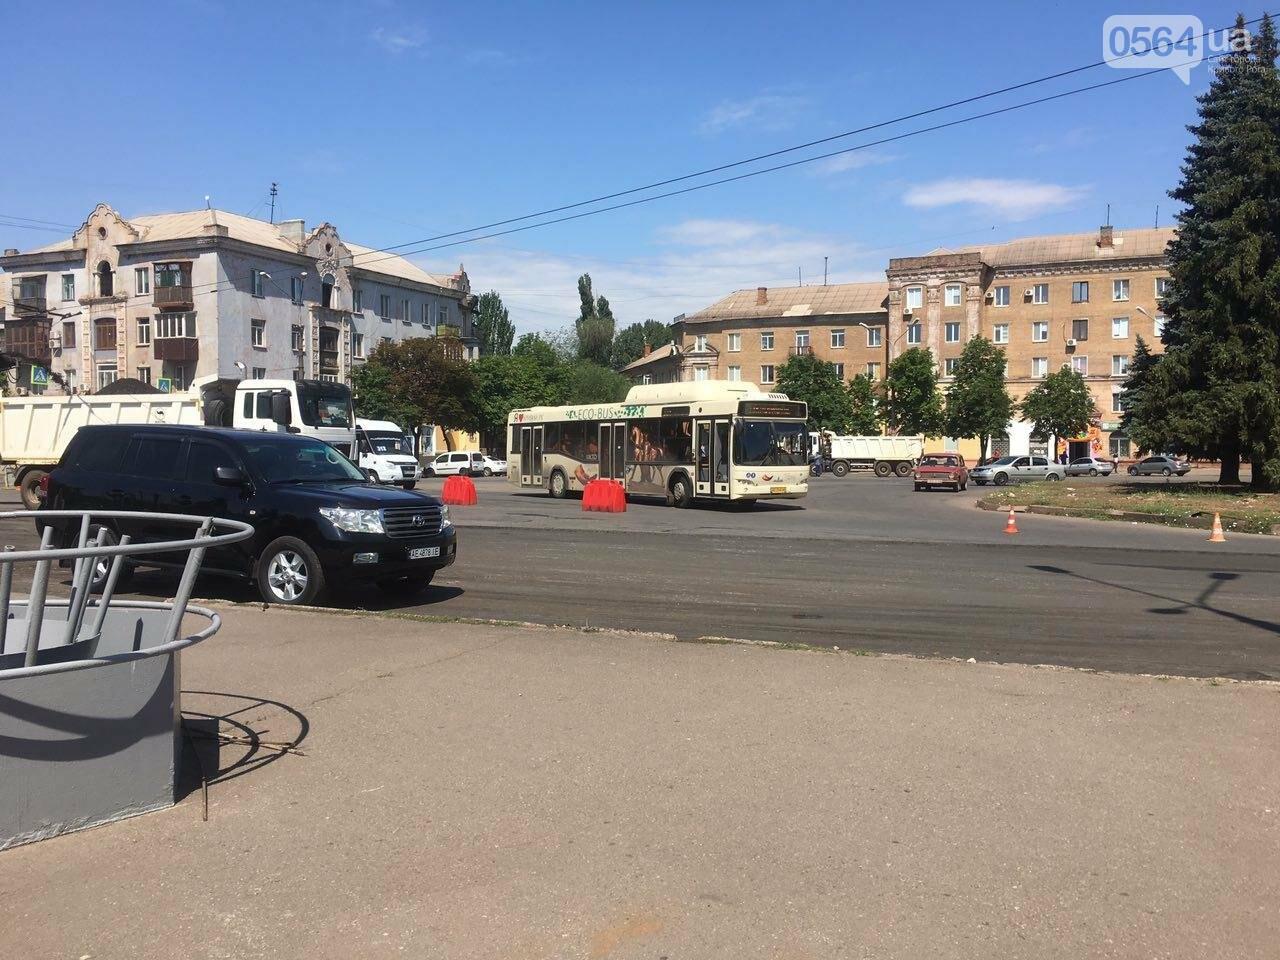 В Кривом Роге готовят площадь для установки памятника Киевскому князю Владимиру Великому, - ФОТО, фото-18